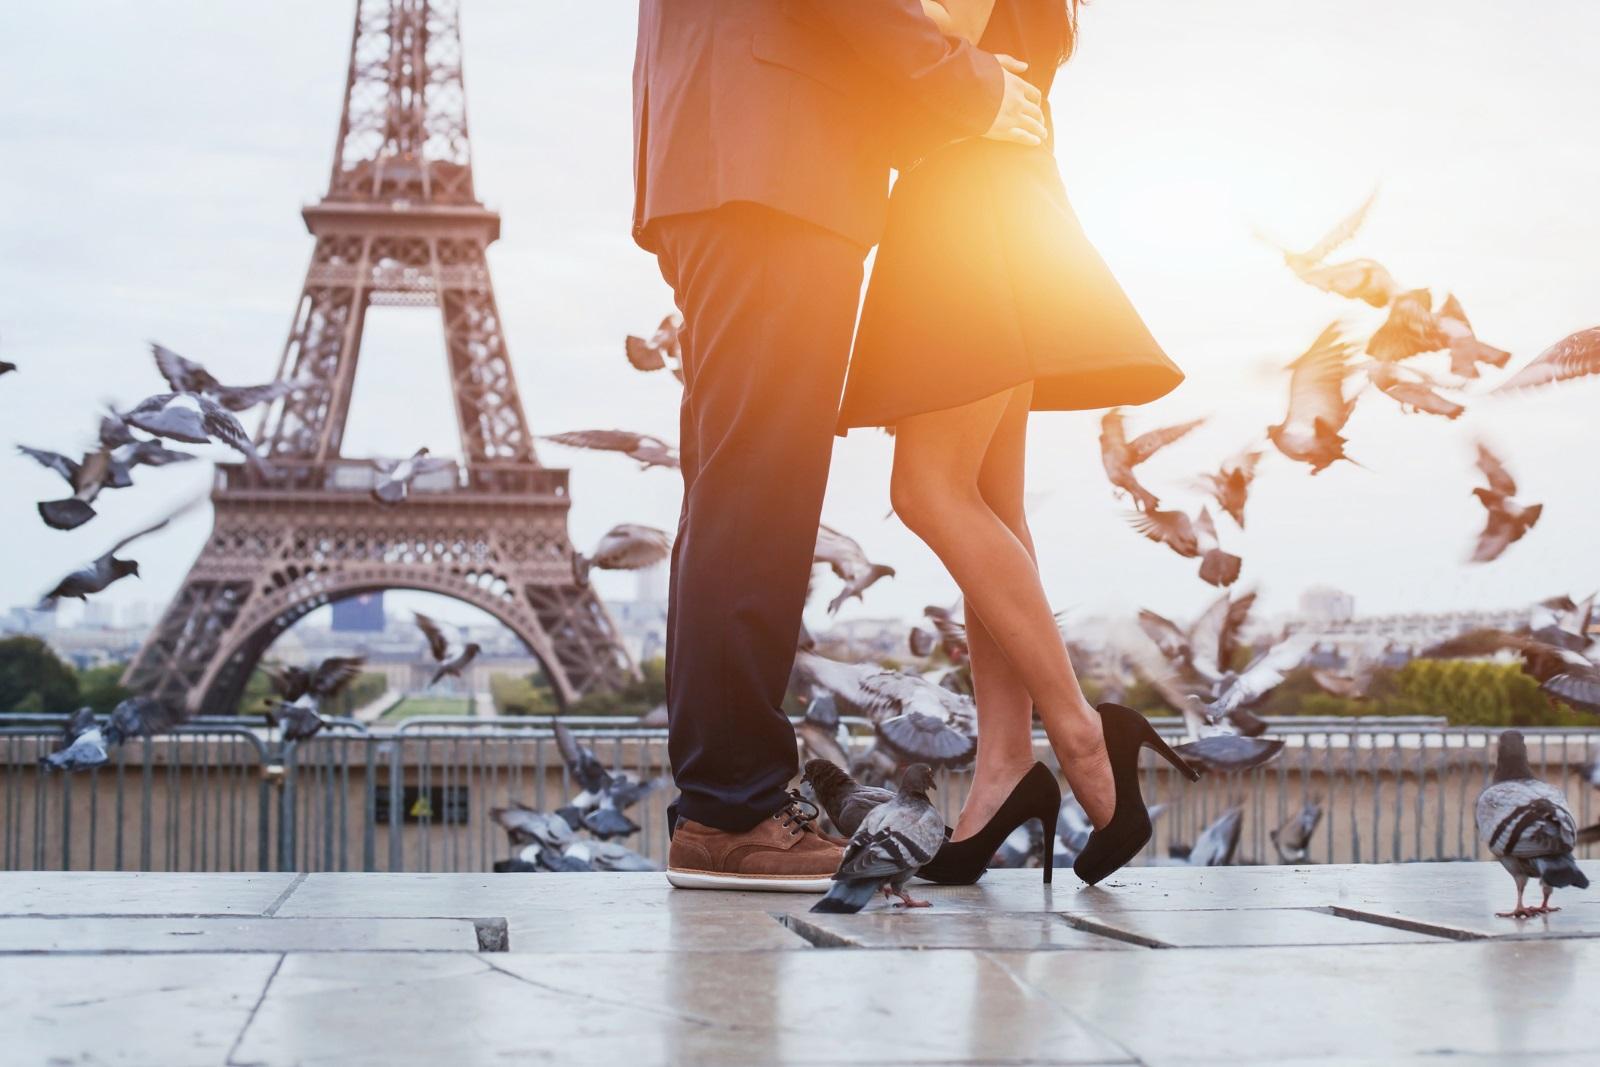 """Във Франция влюбените обичат да кичат дърветата с любовни картички, а много двойки засаждат собствено """"любовно дърво"""", което ще расте и цъфти, както тяхната любов."""